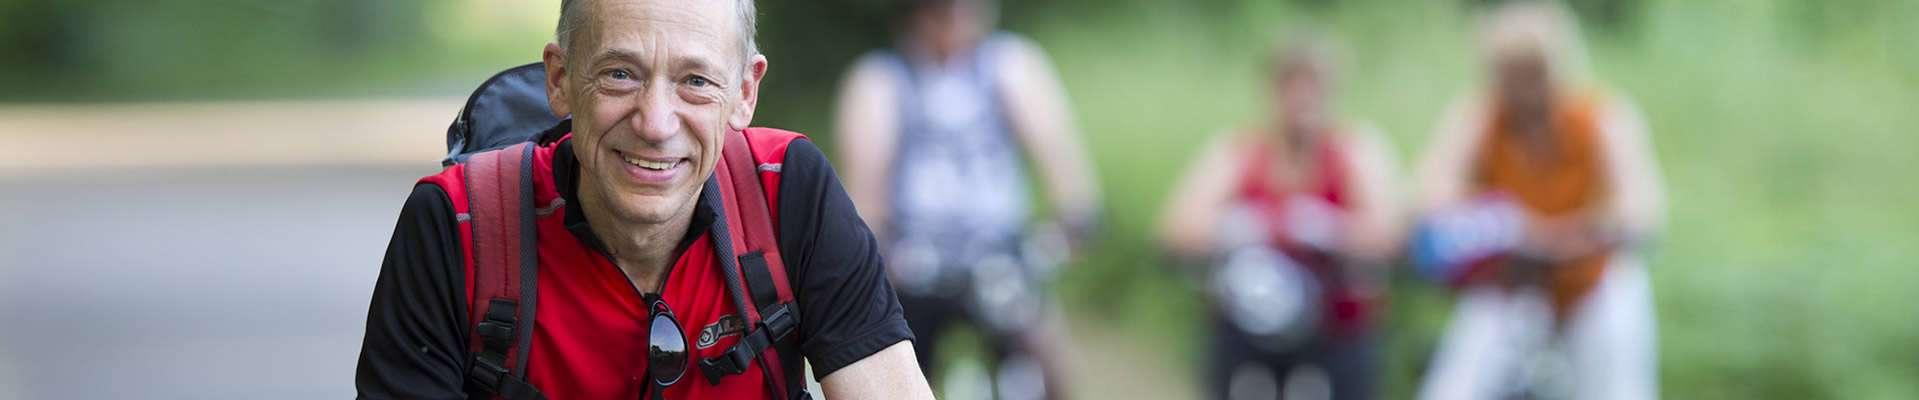 Bewegt ÄLTER werden in NRW! Radfahrer Senioren